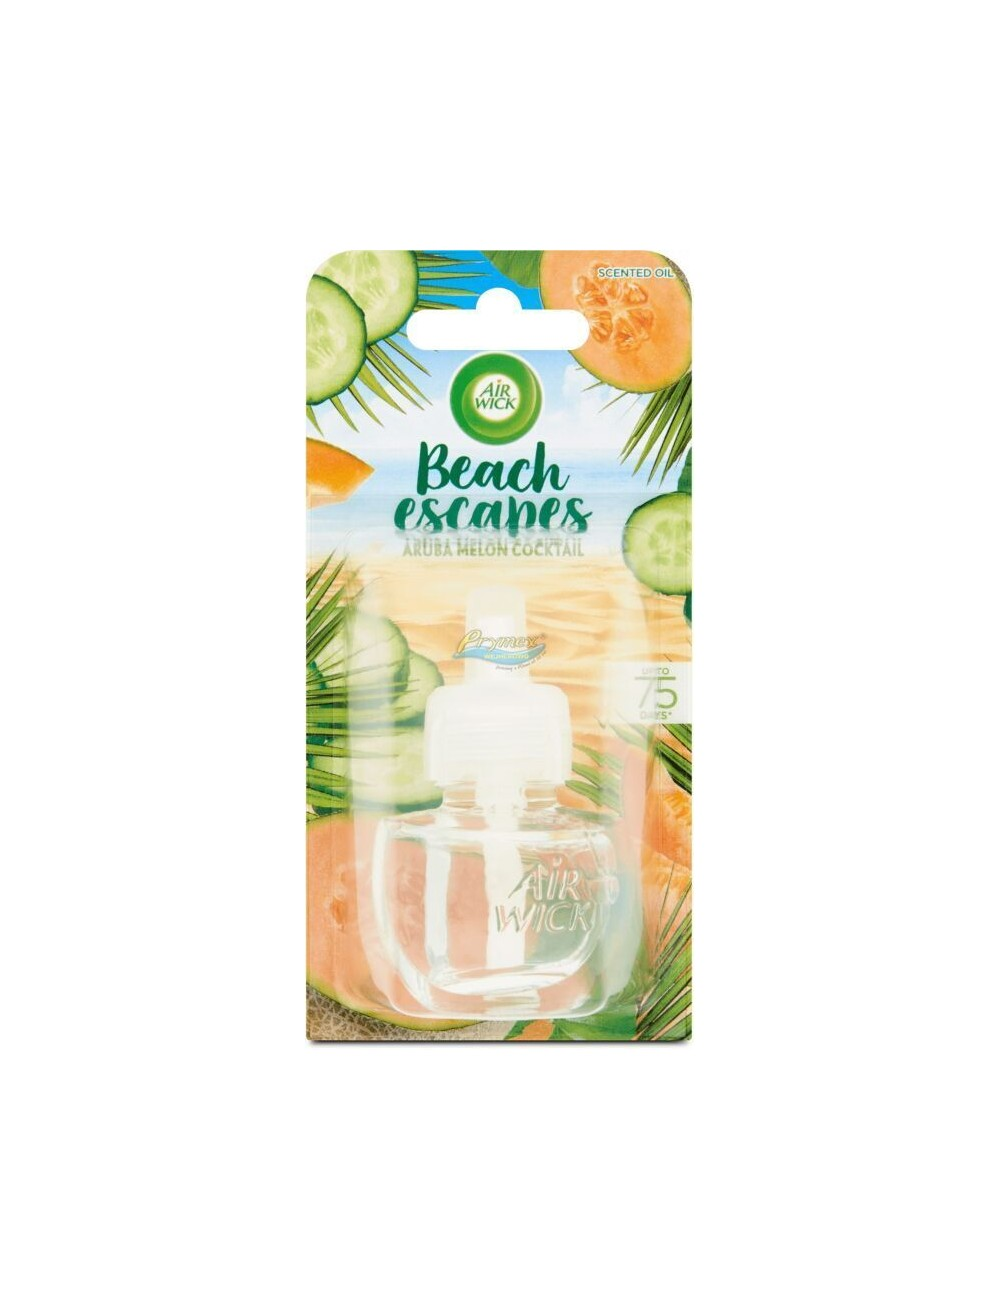 Air Wick Beach Escapes Wkład do Elektrycznego Odświeżacza Powietrza Melonowy Koktaj z Aruby 19 ml